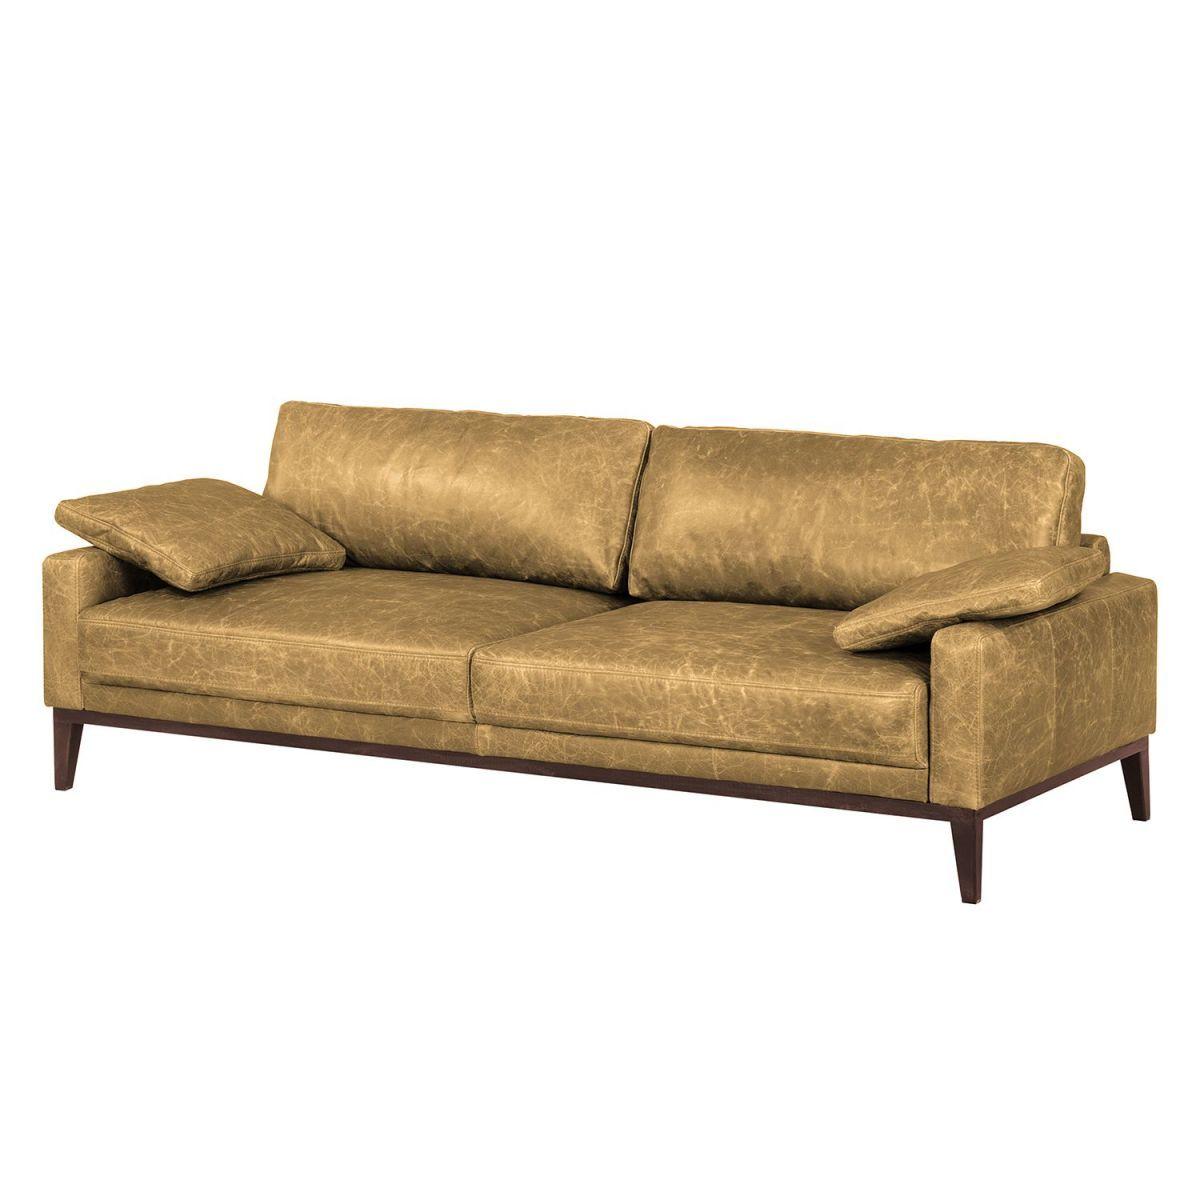 Sofa Horley 3 Sitzer Echtleder Beige Ars Manufacti Jetzt Bestellen Unter Https Moebel Ladendirekt De Wohnzimmer Sofas 2 Und 3 Sofas Sofa 3 Sitzer Sofa